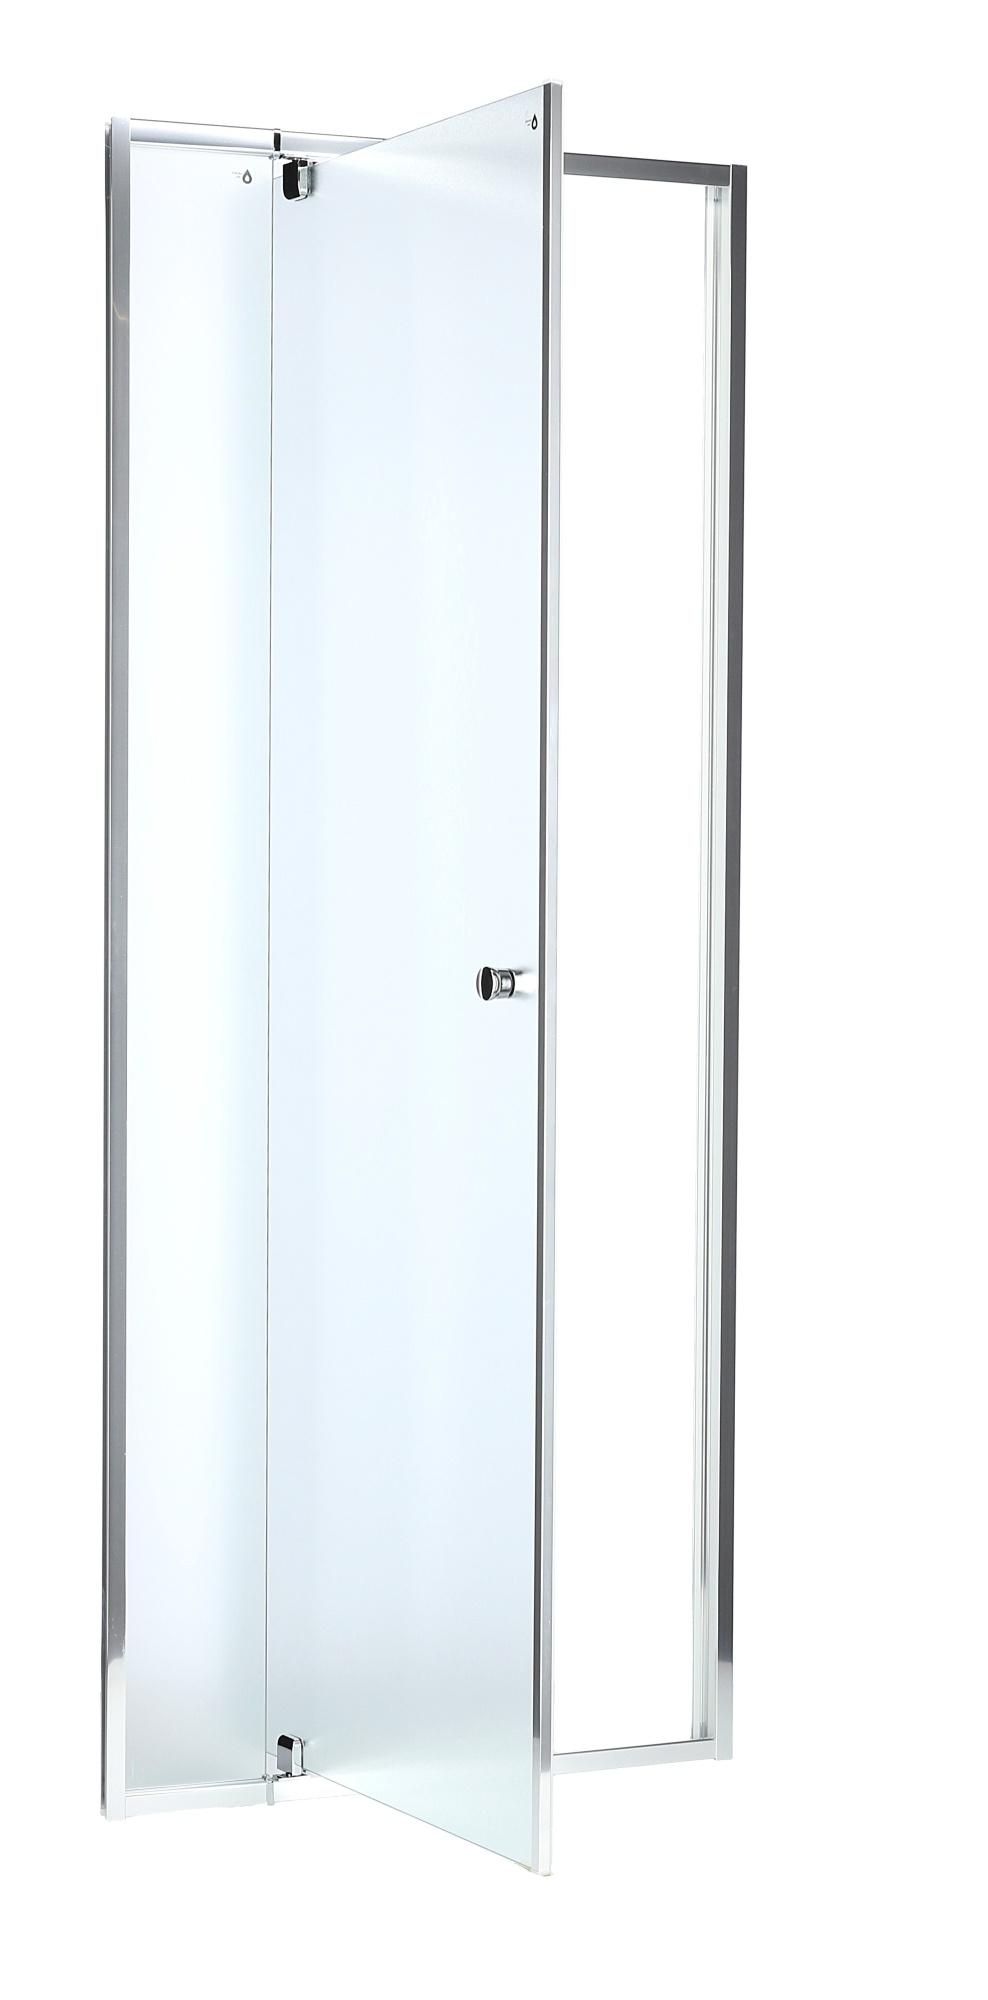 Sprchové dveře do niky STYLE 90 rozměr 87-100x190cm čiré sklo (STYLE 90)